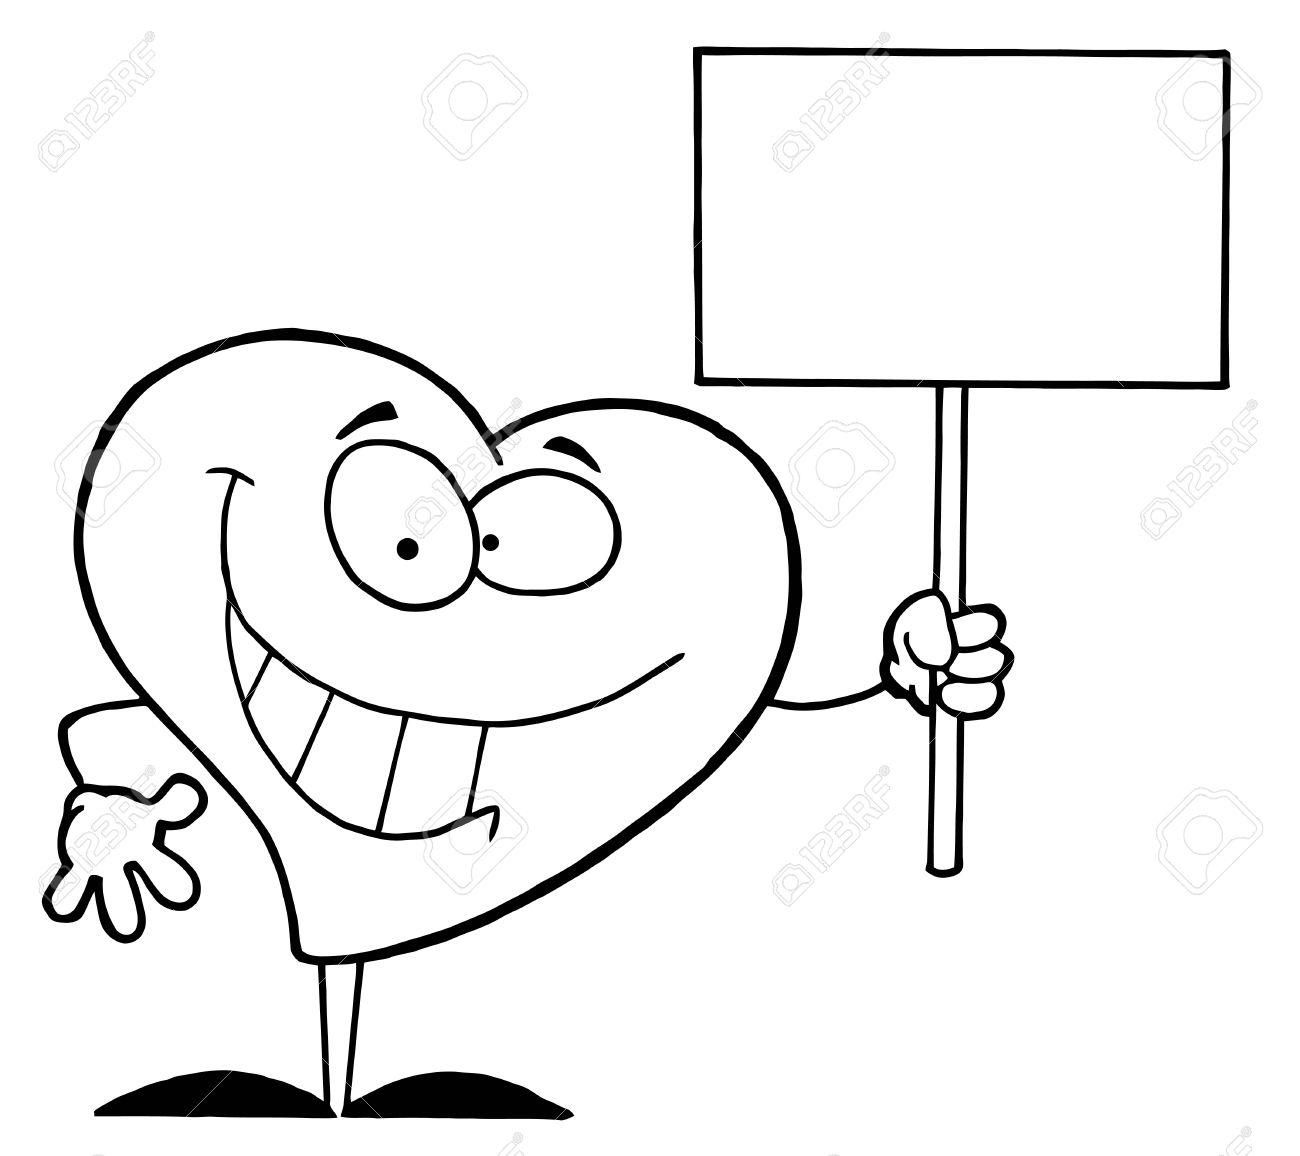 Noir Et Blanc Contour Coloriage D un Coeur avec une pancarte Banque d images